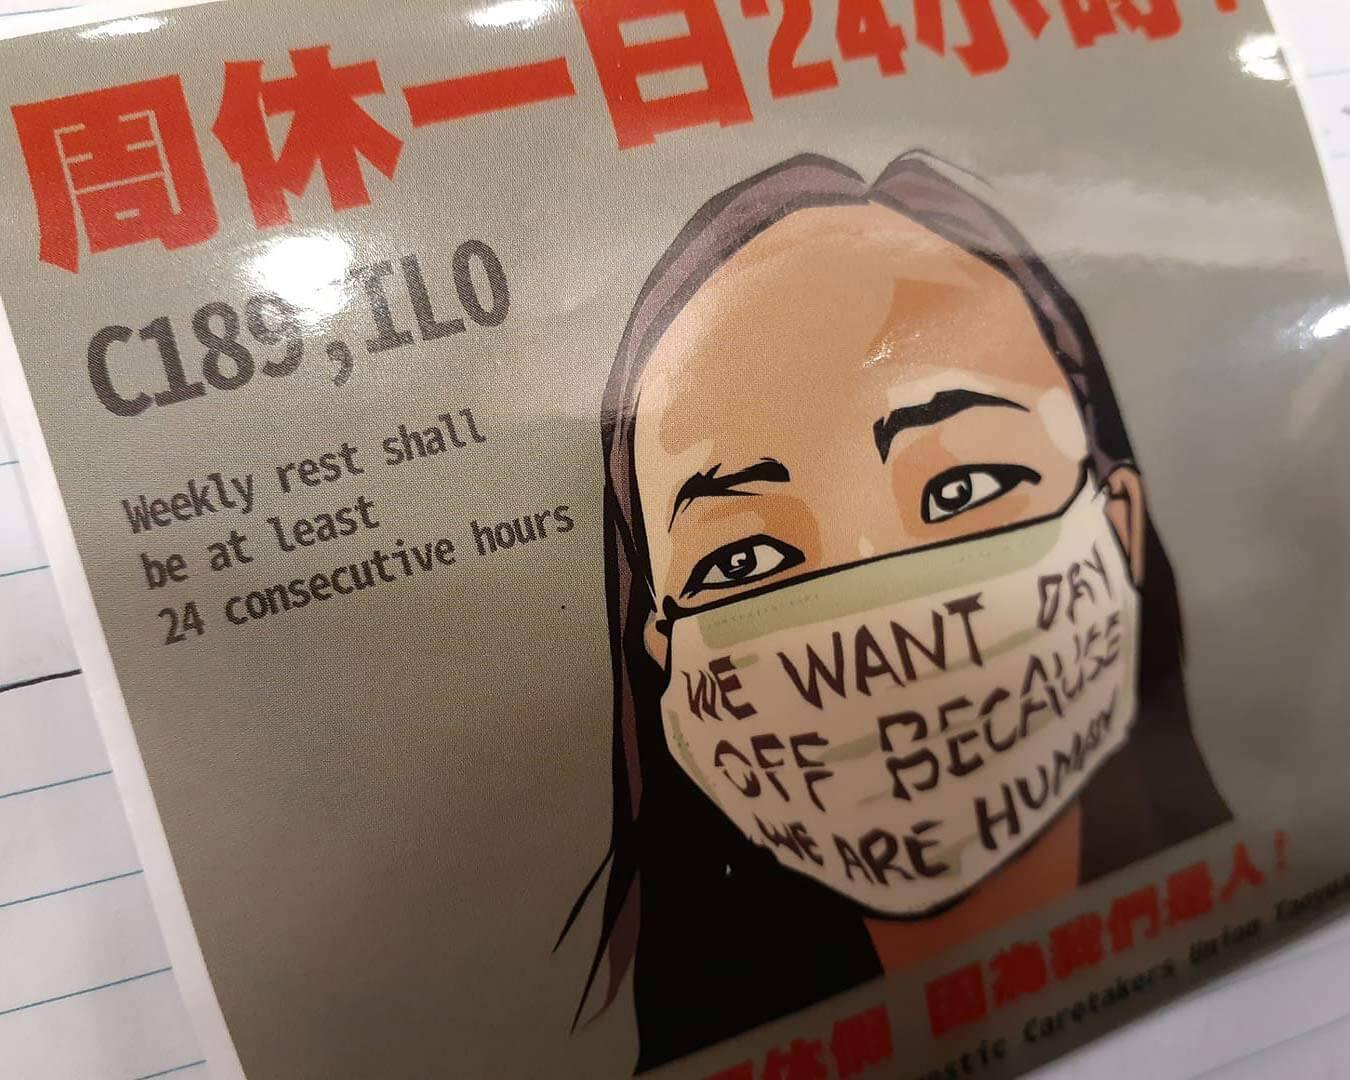 移住労働者の権利と感染症対策をめぐる<br>台湾の大学教員5名の共同声明ヘッダー画像